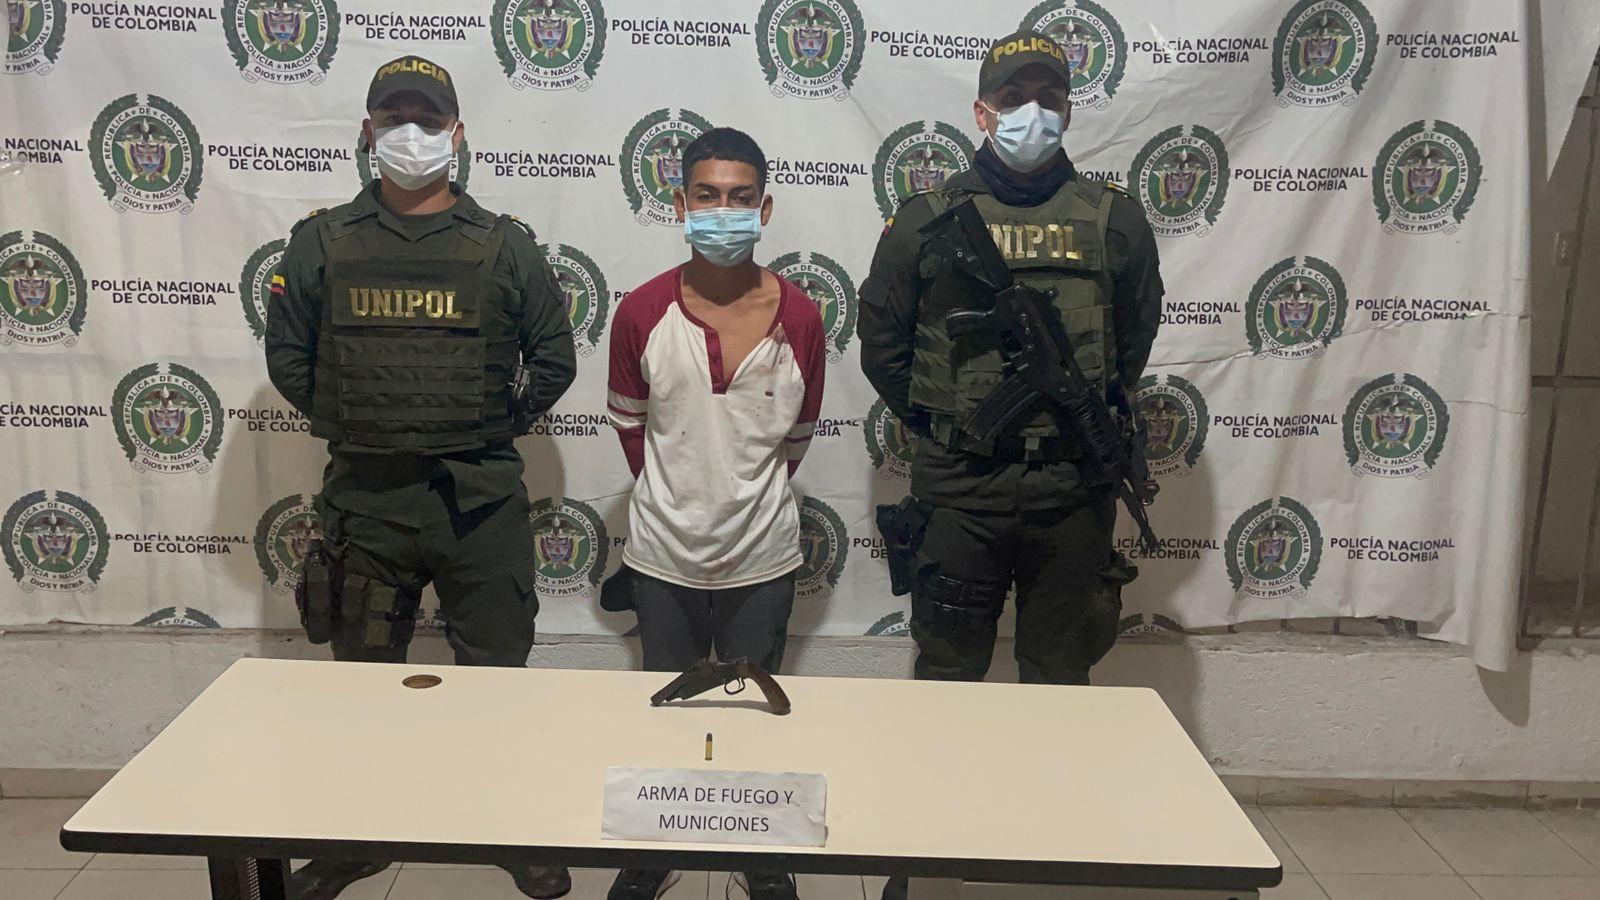 hoyennoticia.com, Le dieron una golpiza por robar en Altos de Pimienta